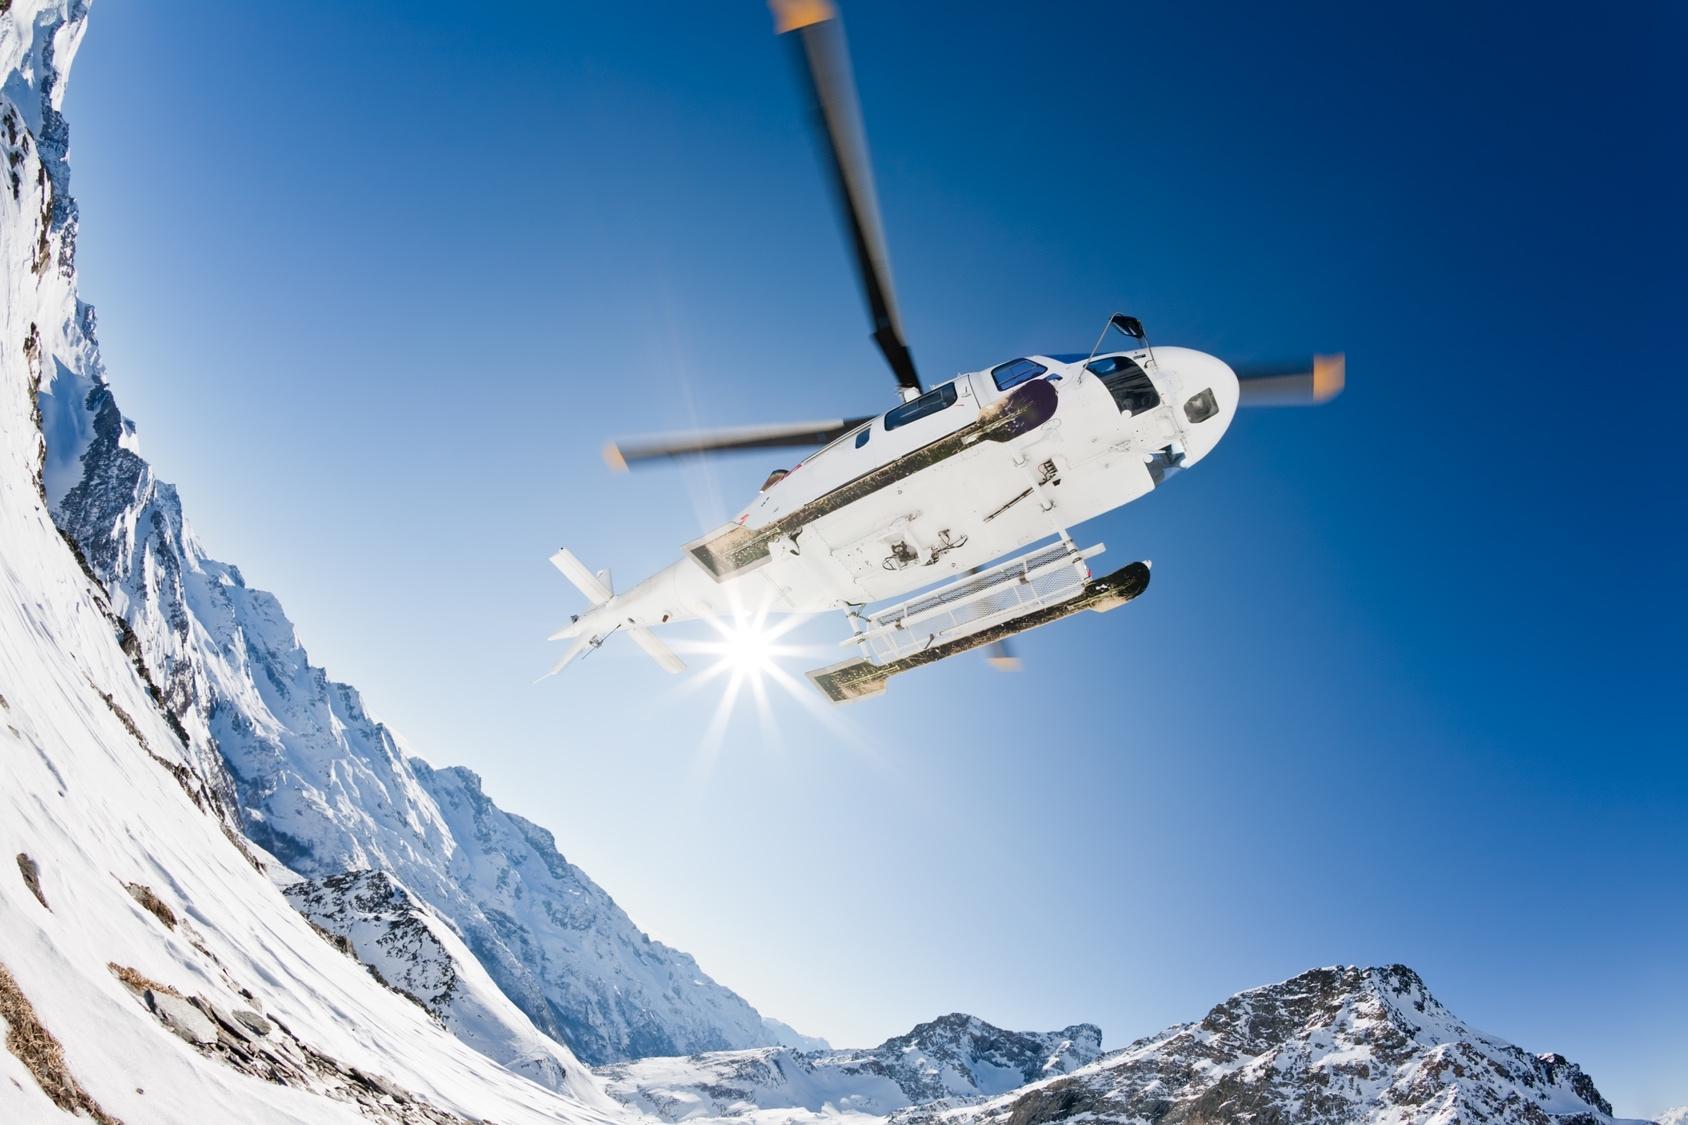 Extreme travel – heli skiing